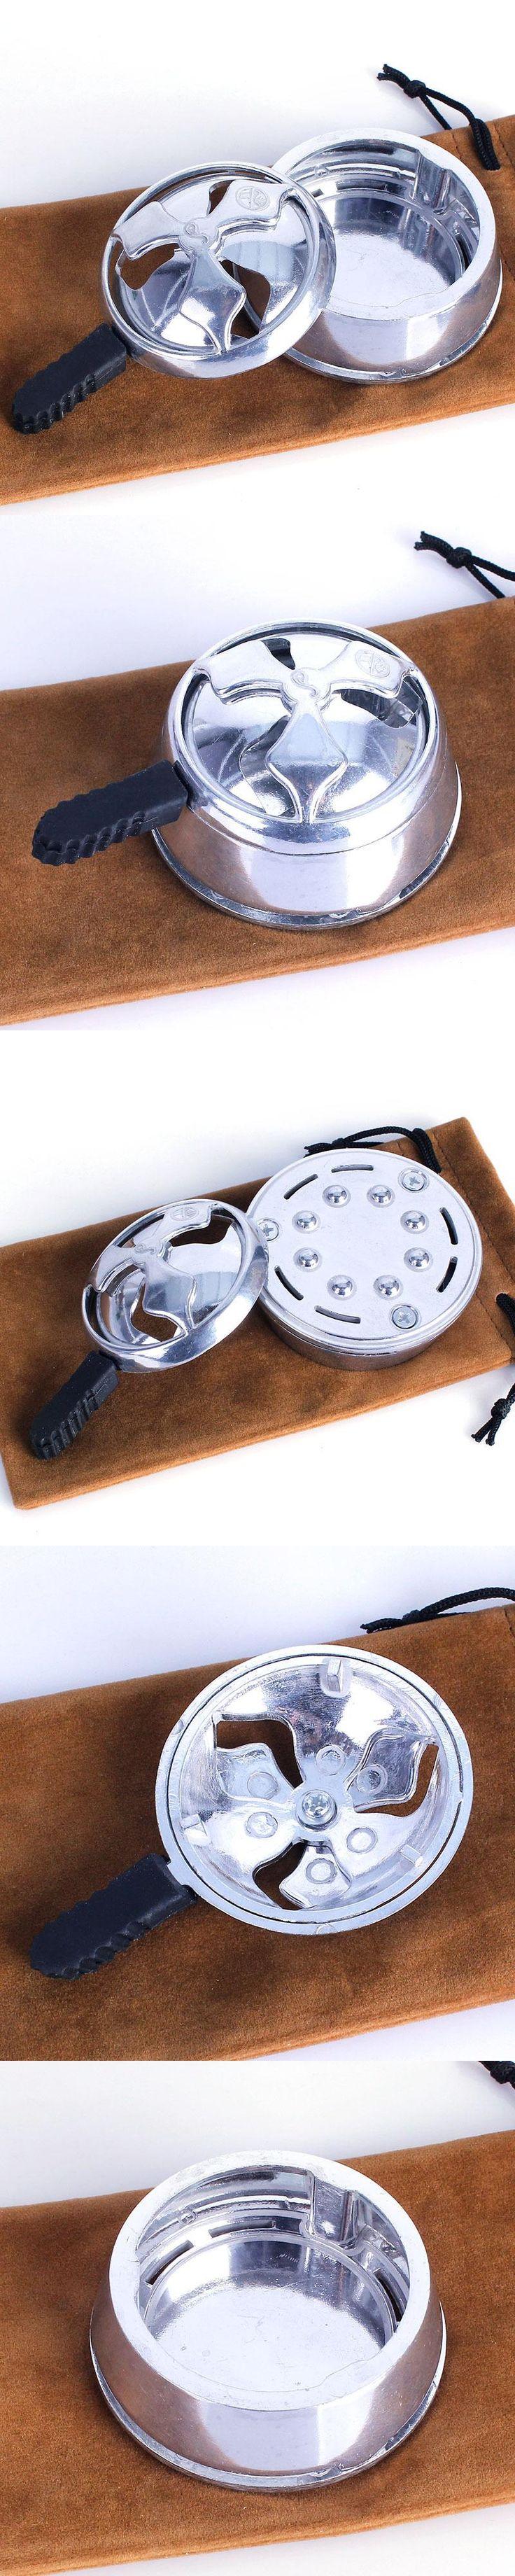 1pc Aluminum Shisha Hookah Bowl,charcoal Holder,heat Keeper for Hookah Smoke Arabian Hookah Shisha Narguile